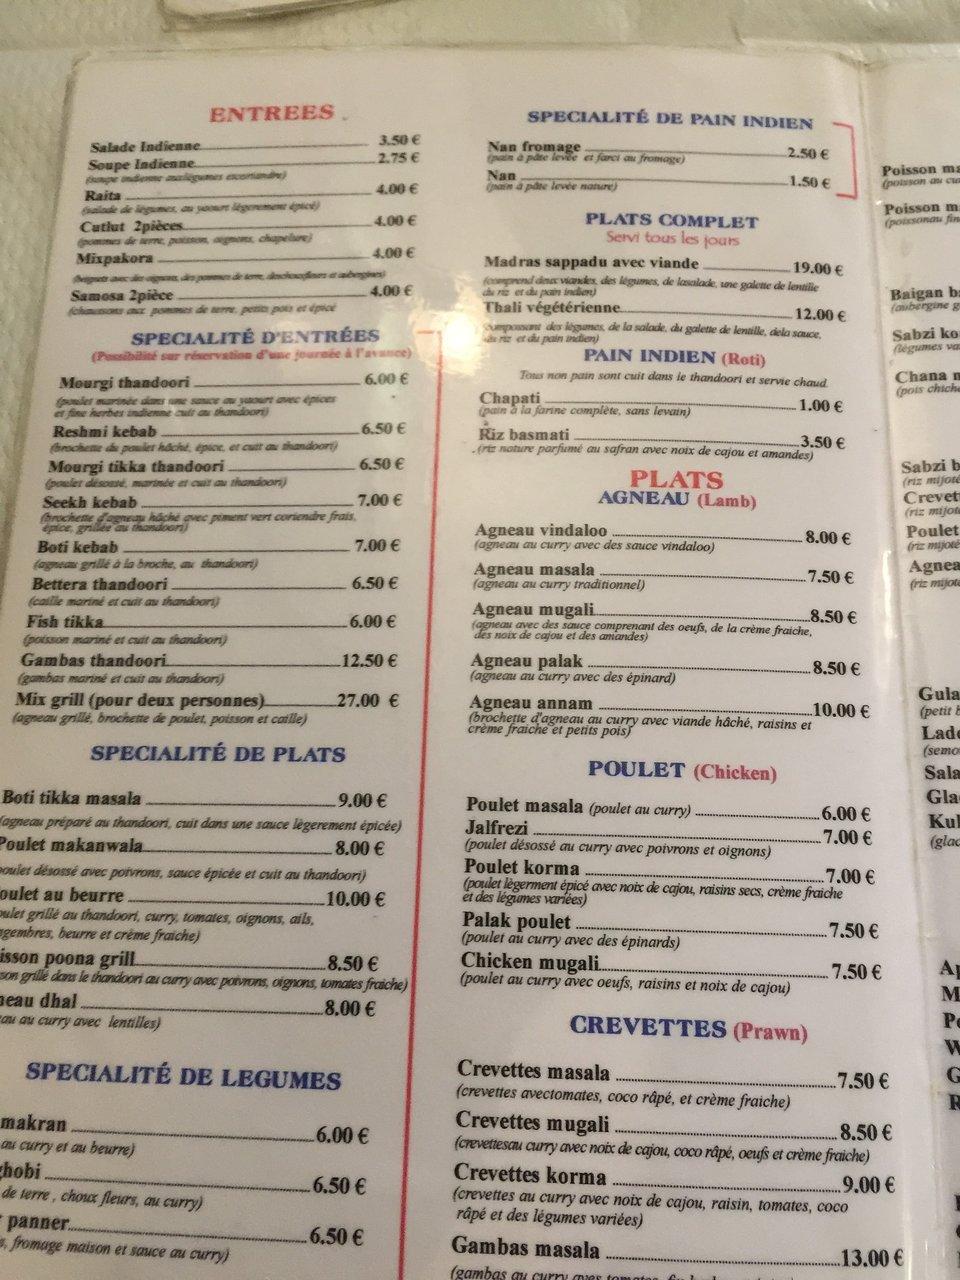 Le Bouche À Oreille Soissons the 10 best vegetarian restaurants in soissons - tripadvisor